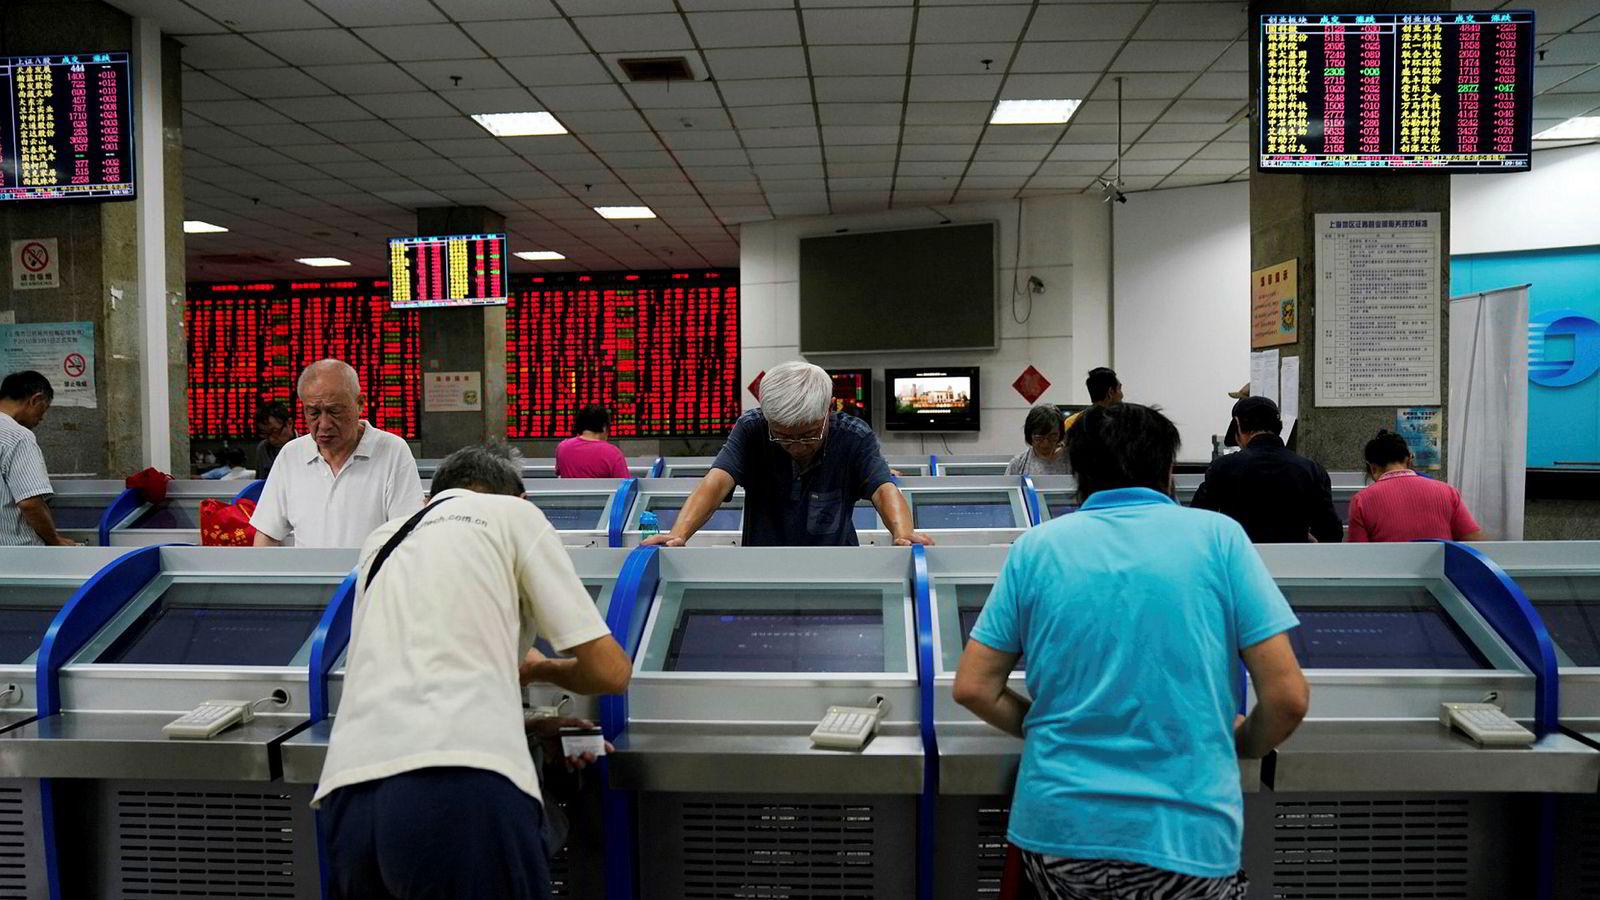 Småinvestorer dominerer handelen ved de kinesiske børsene. Børsrallyet i år kan fortsette. Frykten for å gå glipp av rallyet kan forsterke rallyet, tror finansinstitusjonen Goldman Sachs.